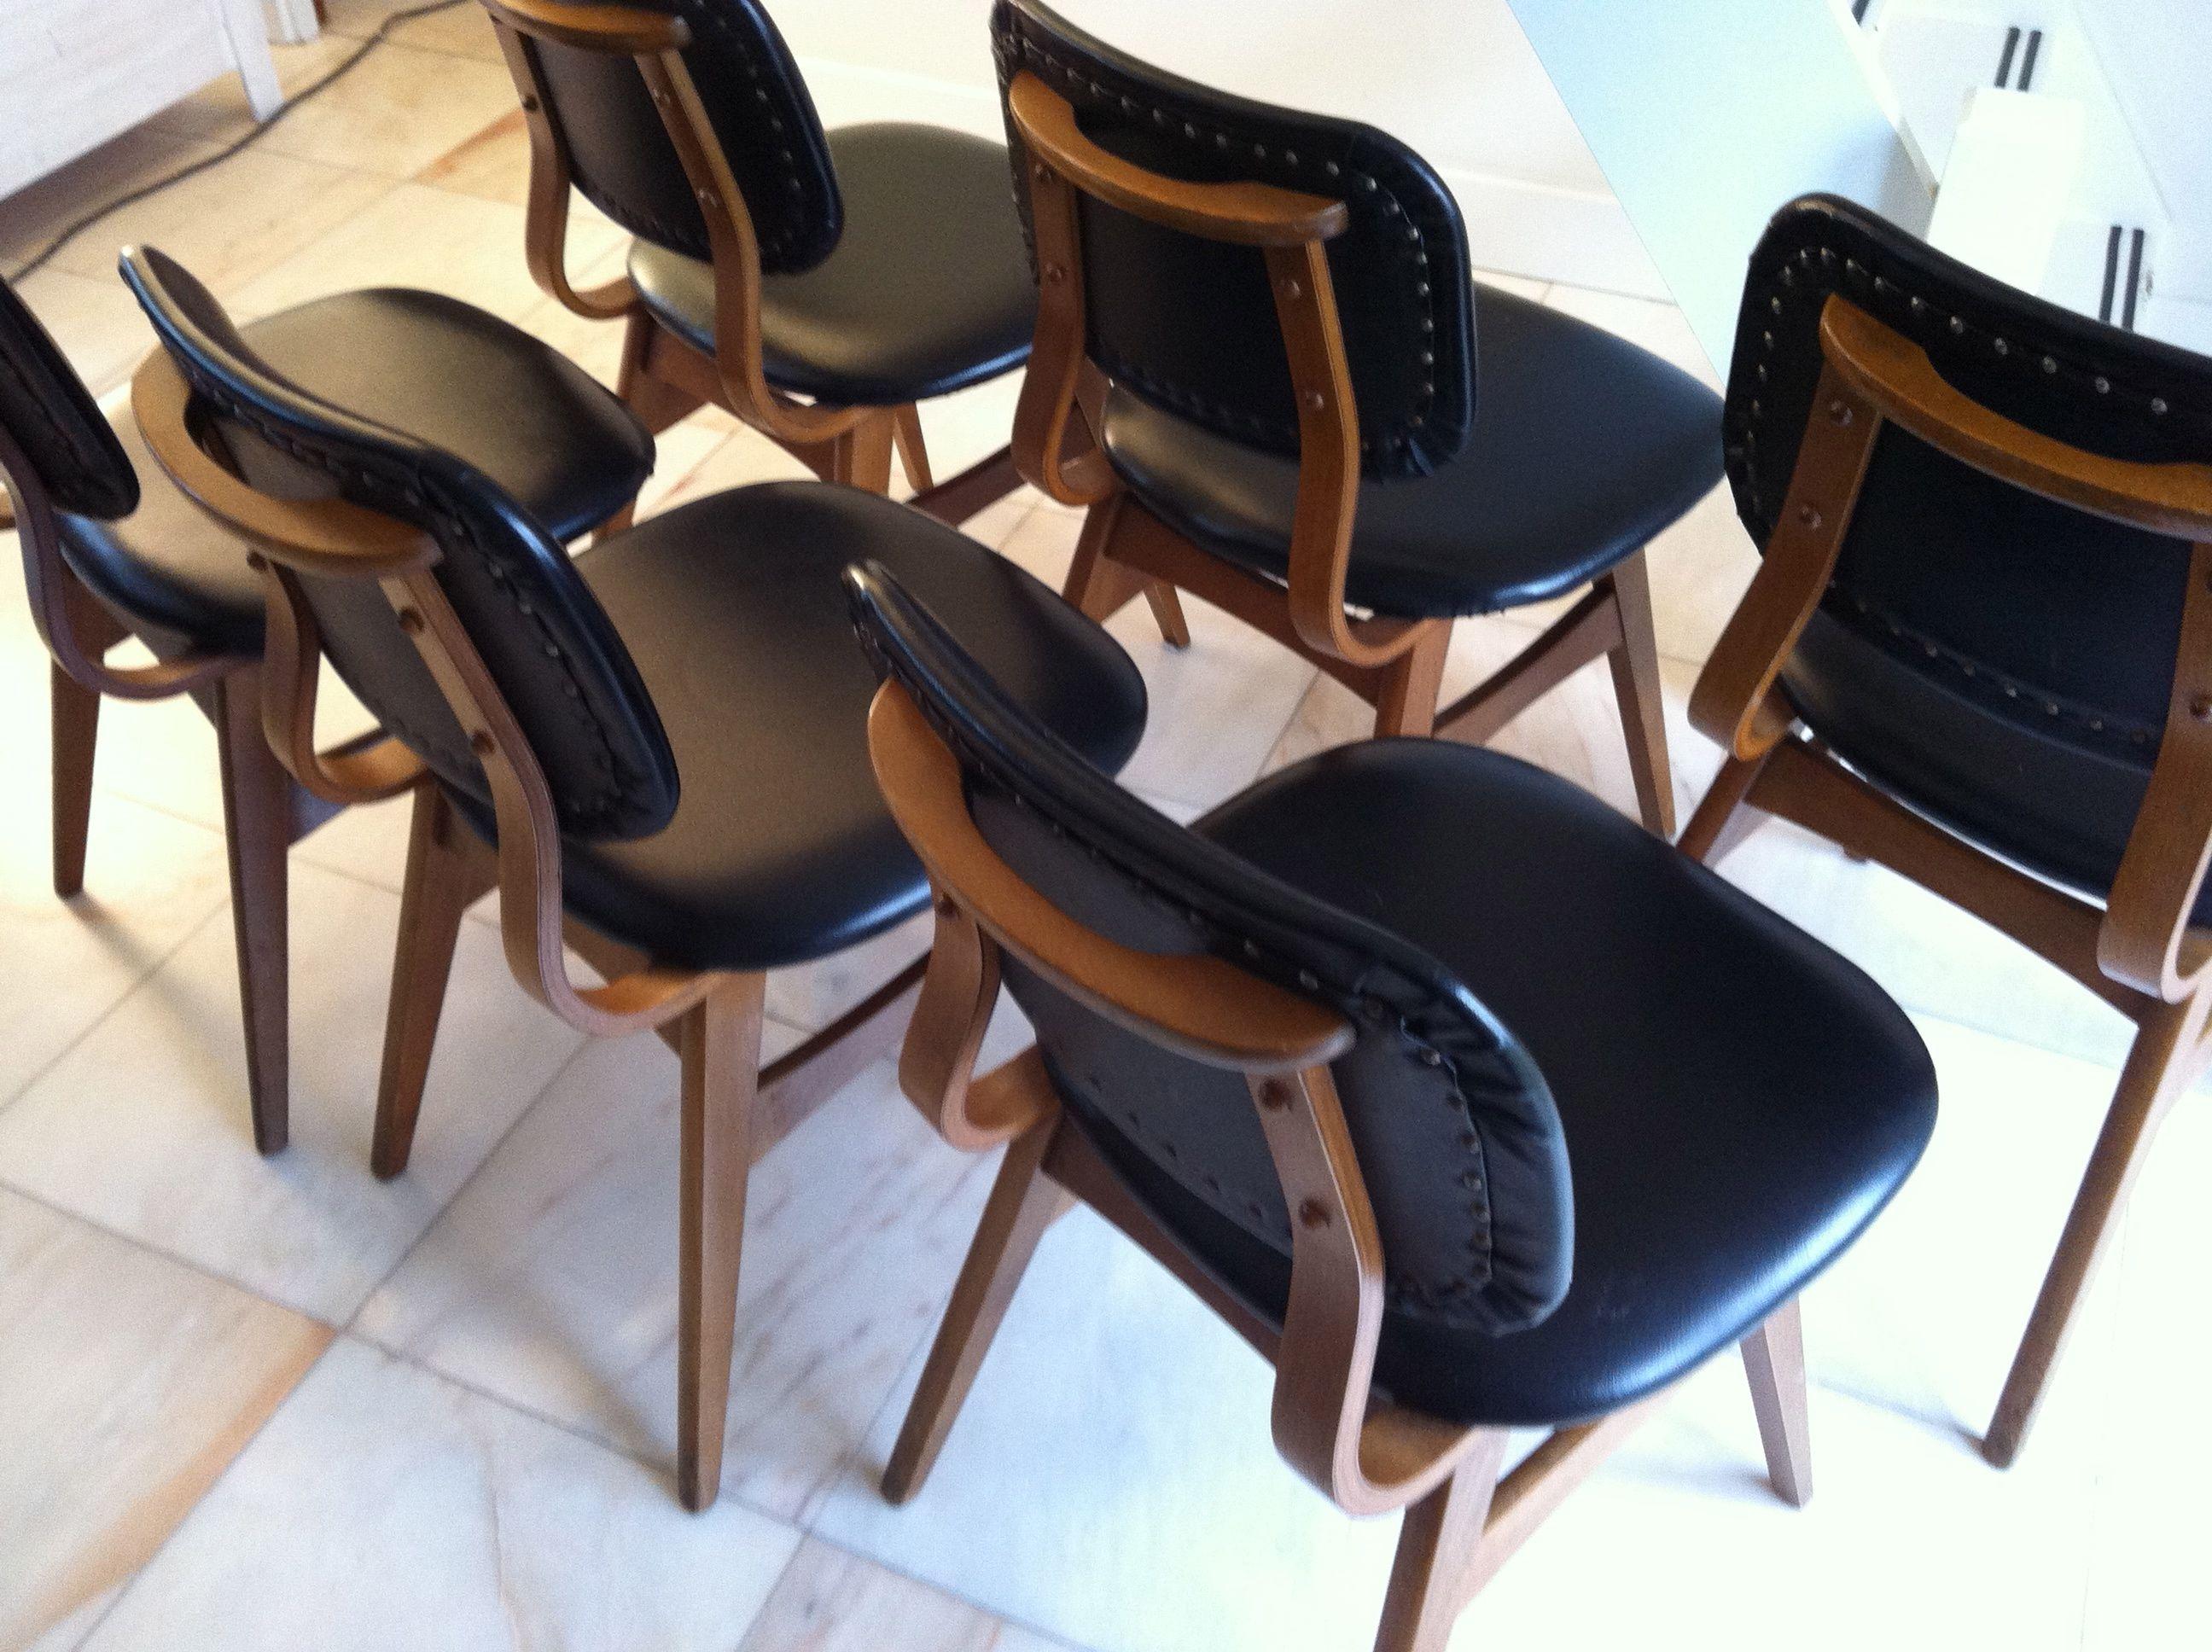 Vintage eetkamerstoelen stoelen dining chairs kees woonkamer